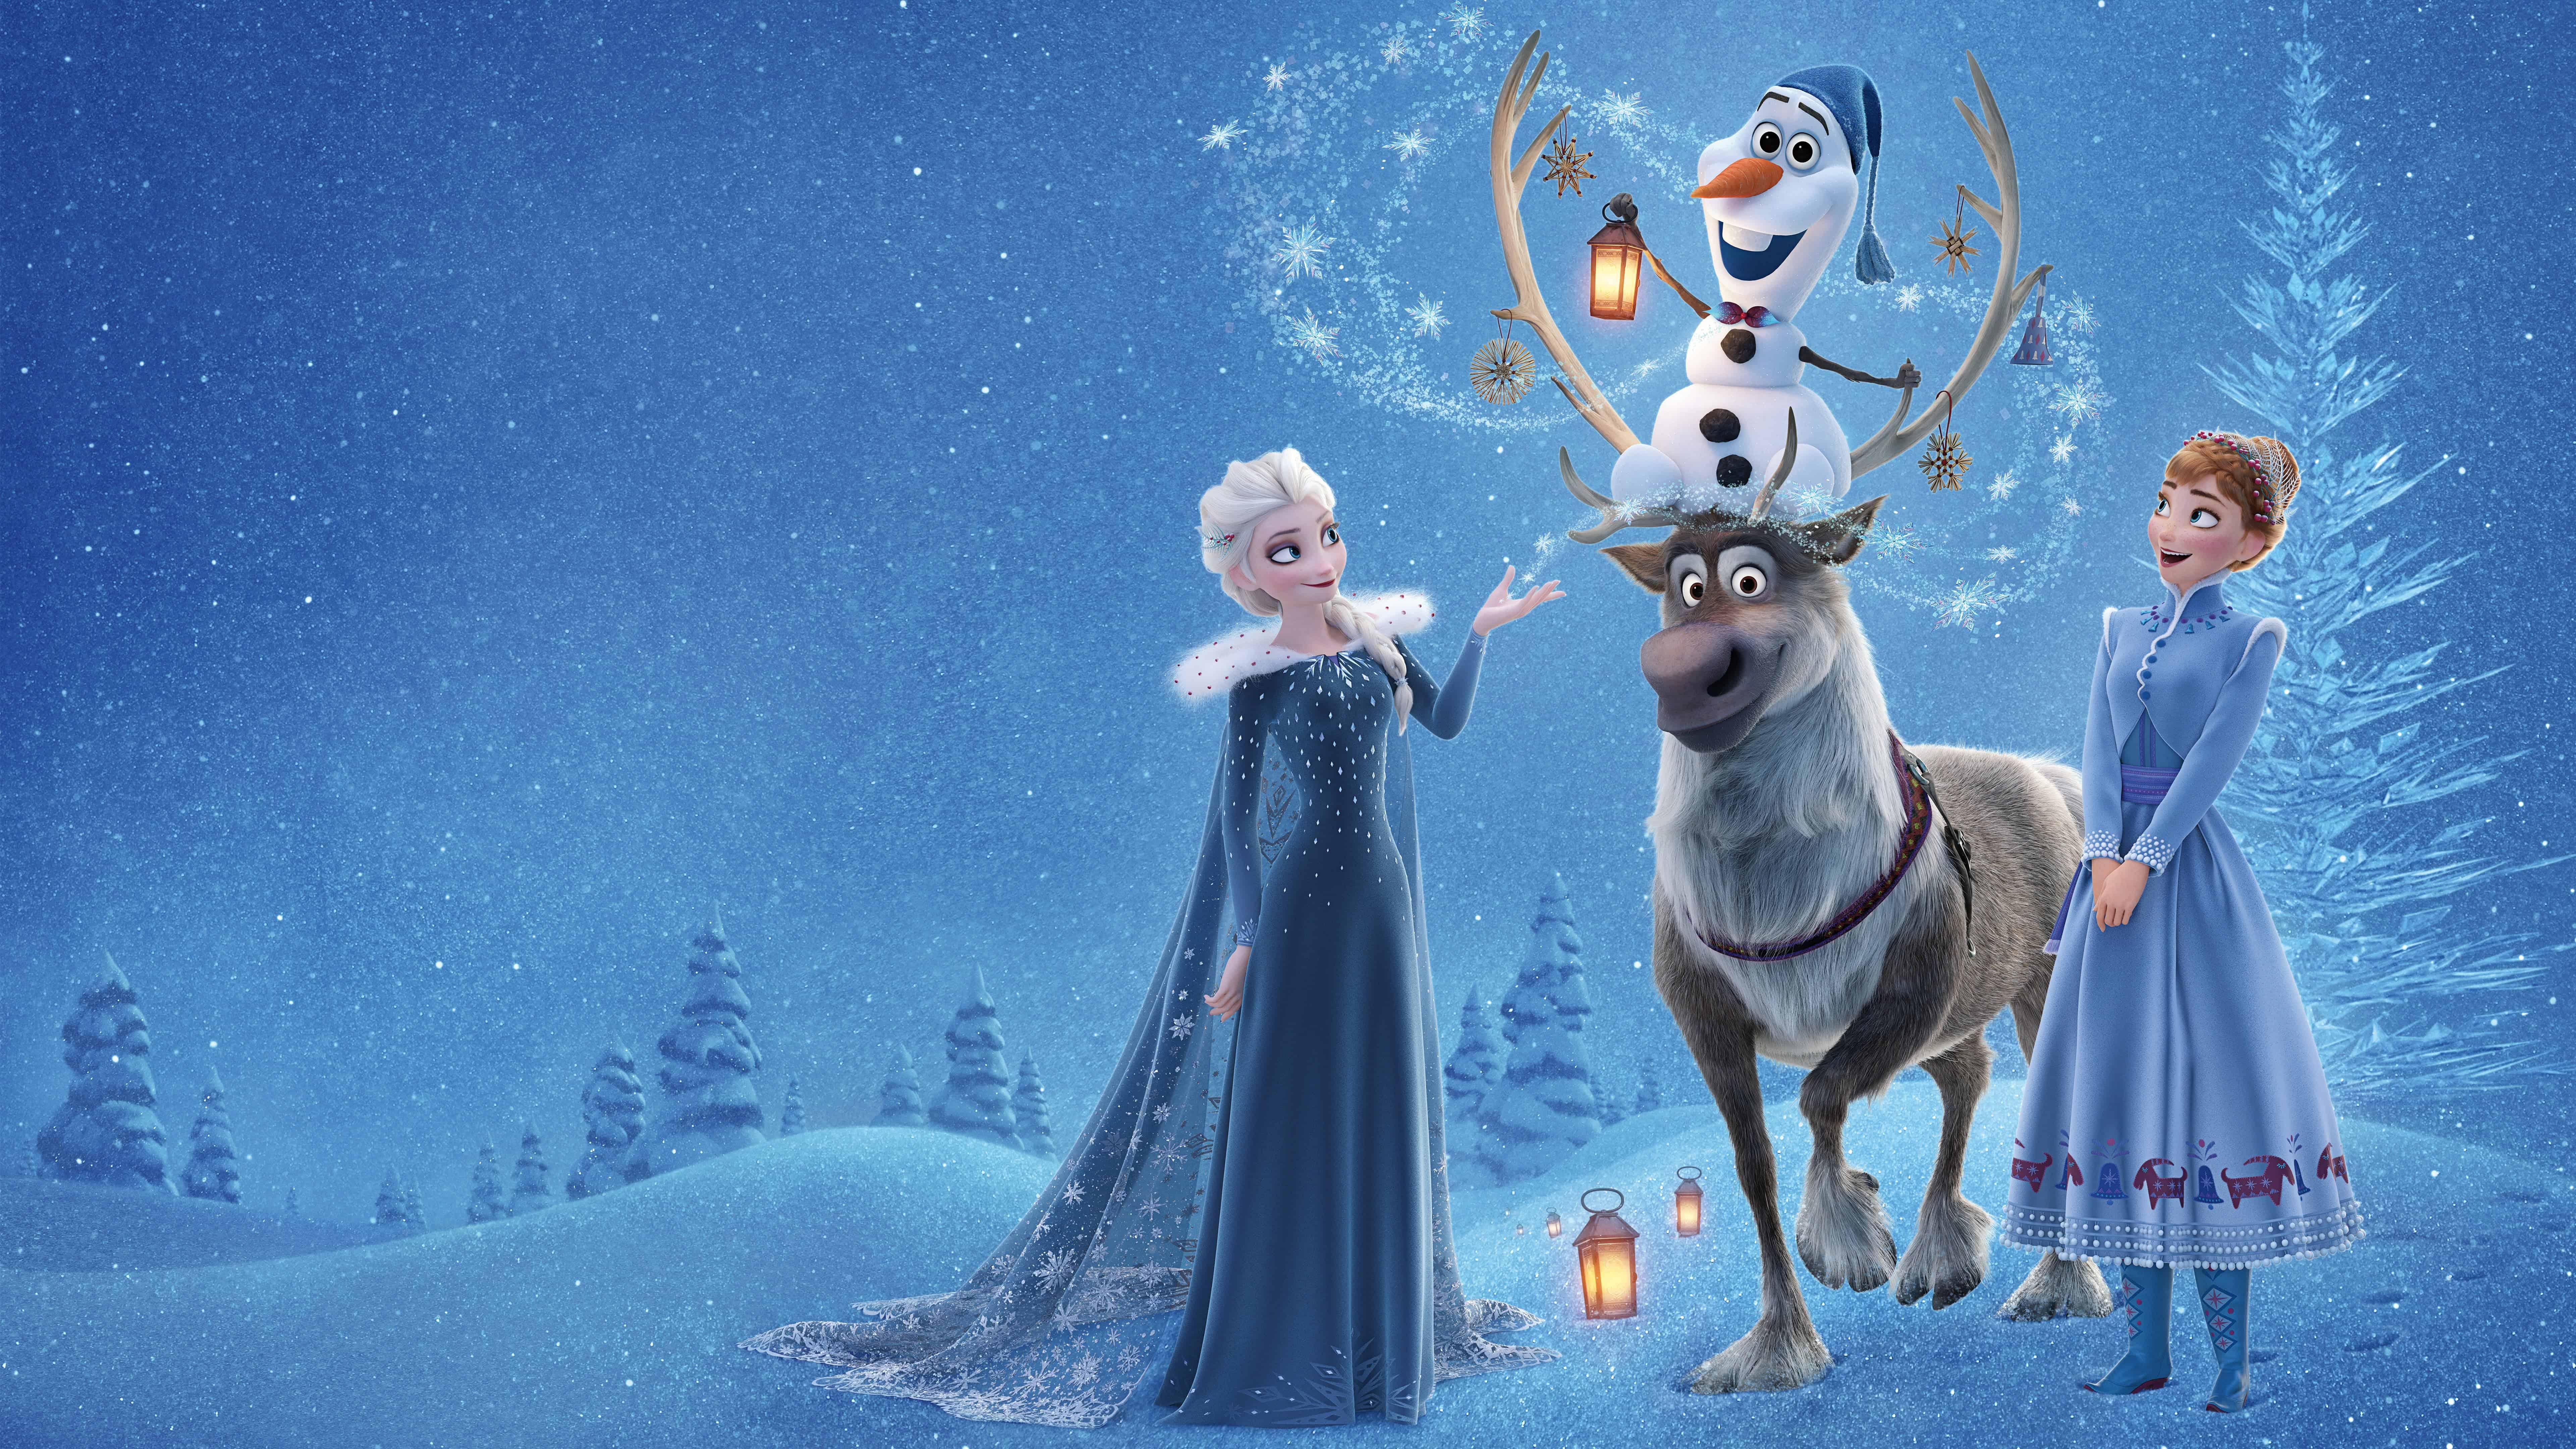 olafs frozen adventure uhd 8k wallpaper